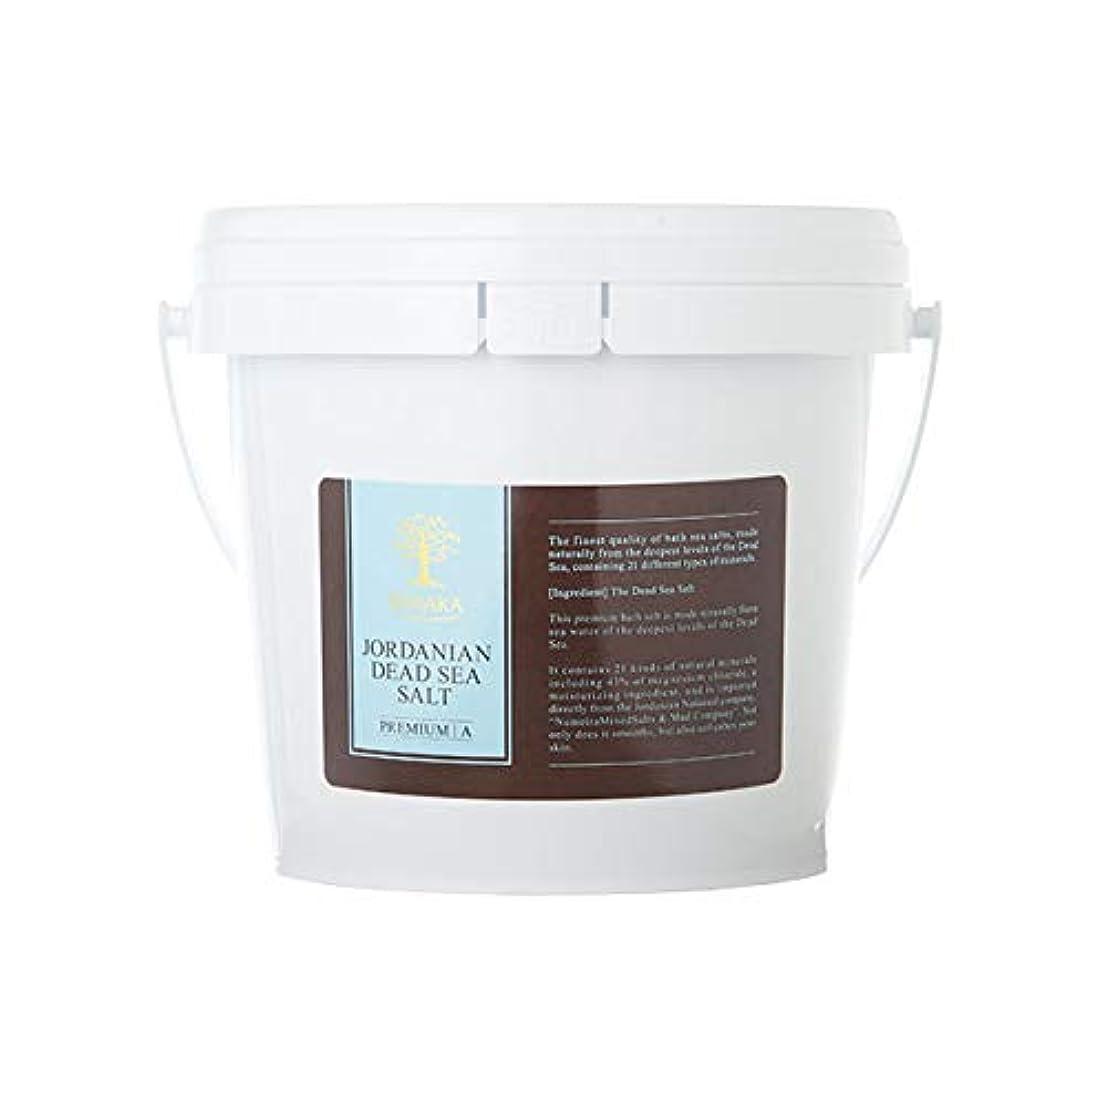 アーサーコナンドイル情緒的クスコBARAKA(バラカ) ジョルダニアン デッドシー ソルト バケツ 1.5kg バスソルト 入浴剤 ヨルダン産死海塩100%